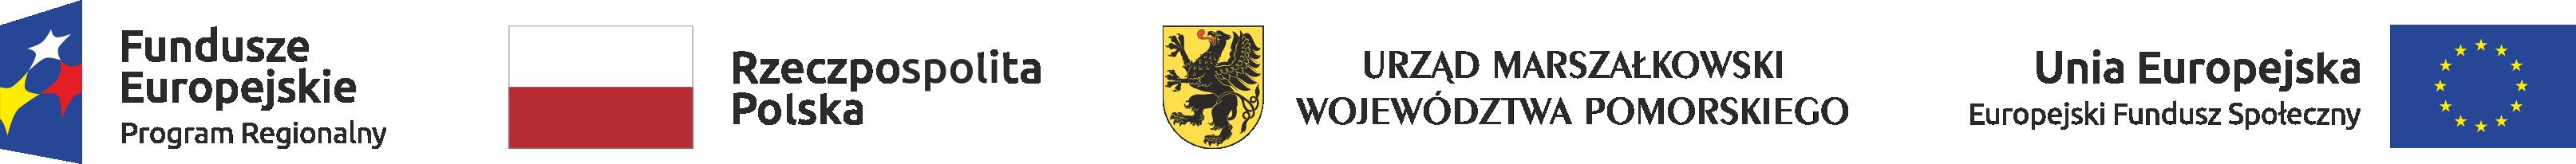 http://horyzont.slupsk.pl/wp-content/uploads/2019/12/poziom-efs-kolor_umowy-od-2018.png